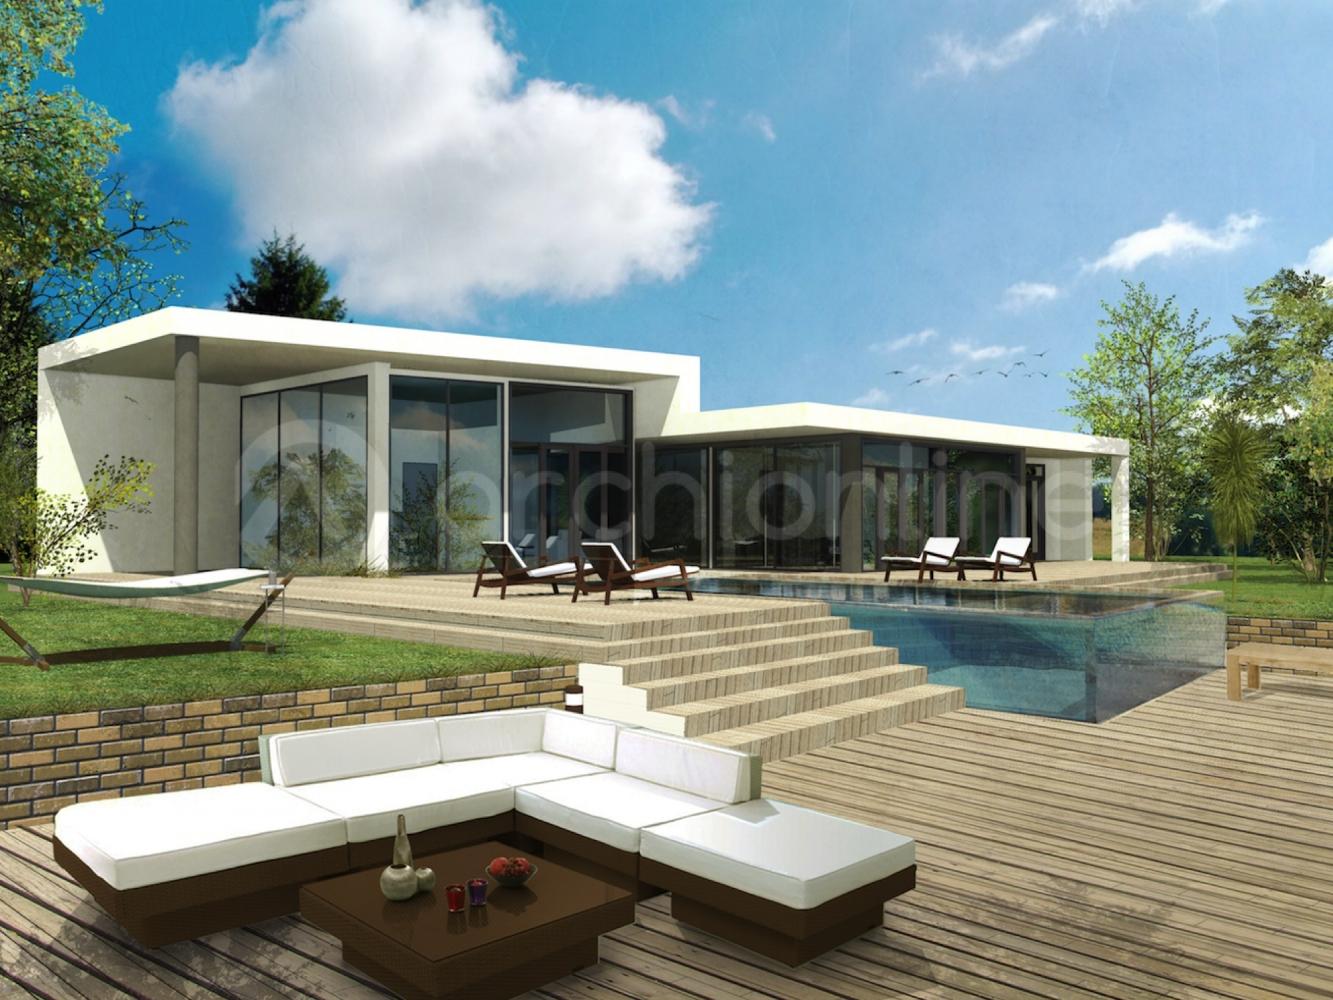 Maison plein pied moderne sofag - Plan maison plain pied avec piscine ...